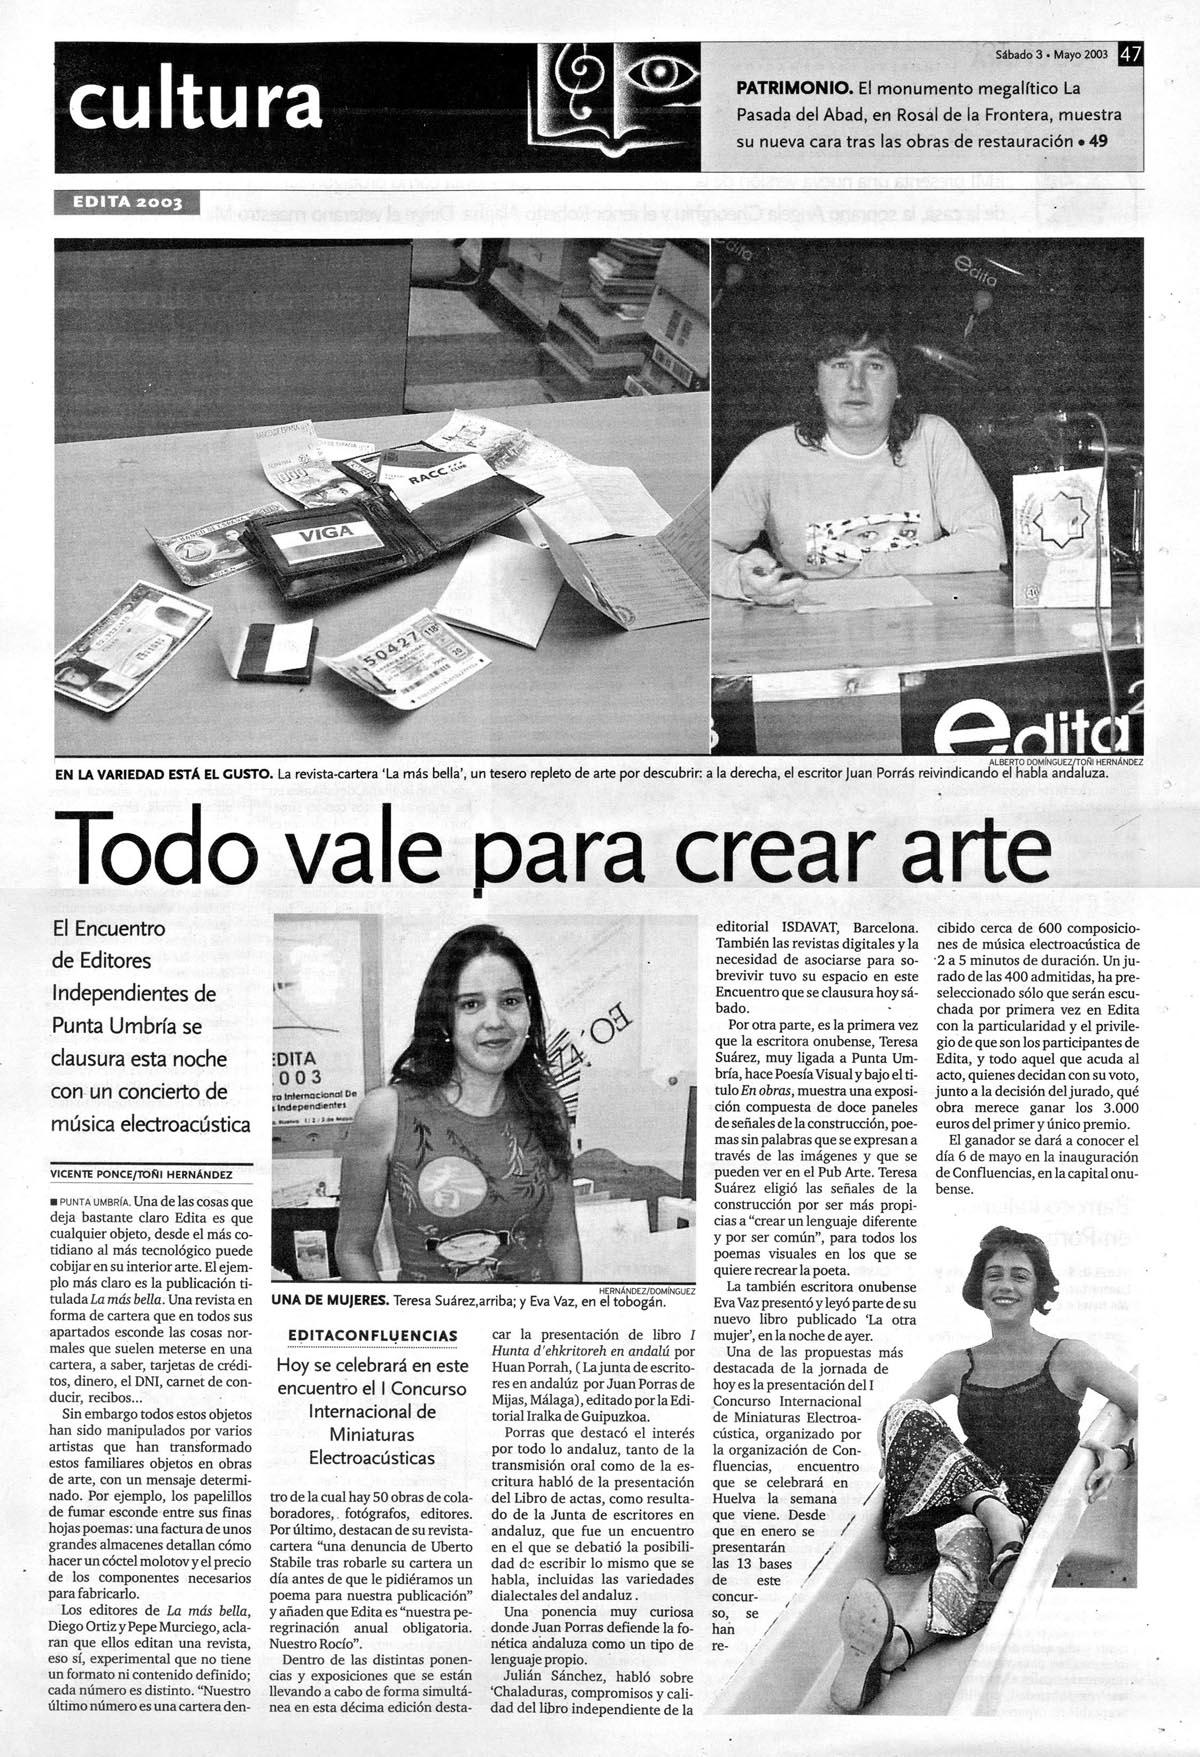 ReseñasPrensa-Huelva Información_3 Mayo 2003